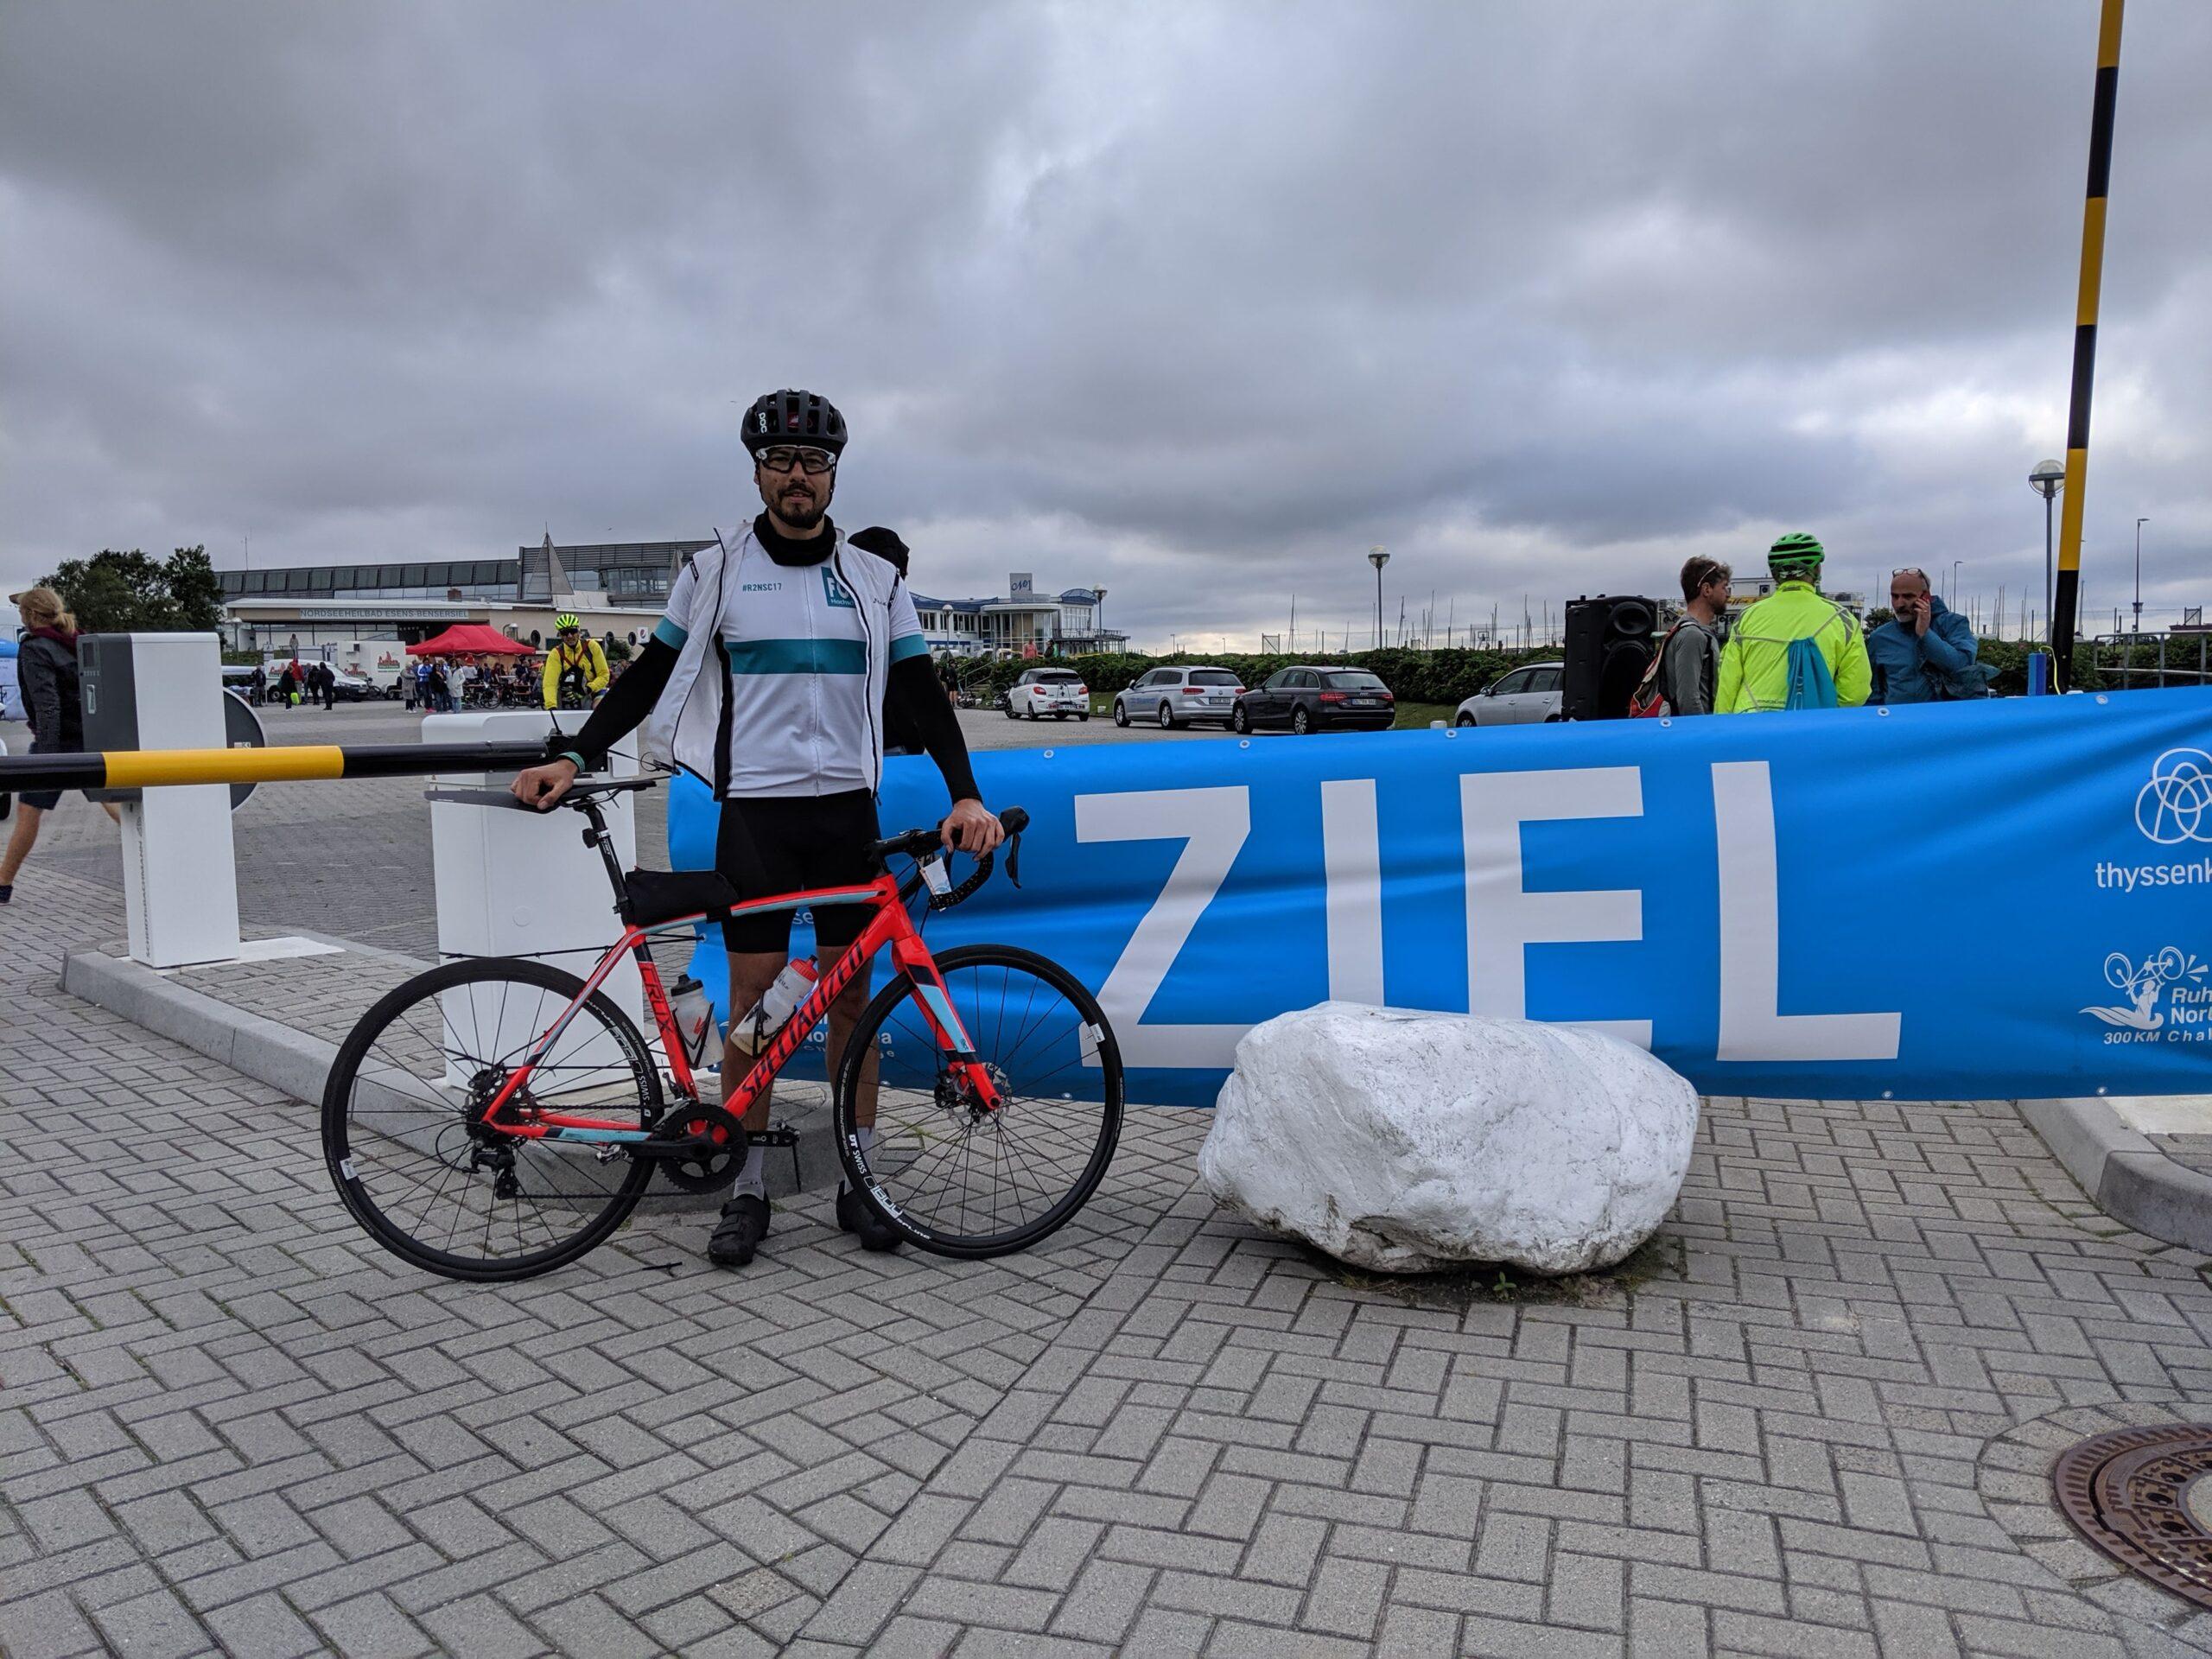 Ein Foto am Ziel-Banner im Fährhafen Bensersiel musste schon sein.